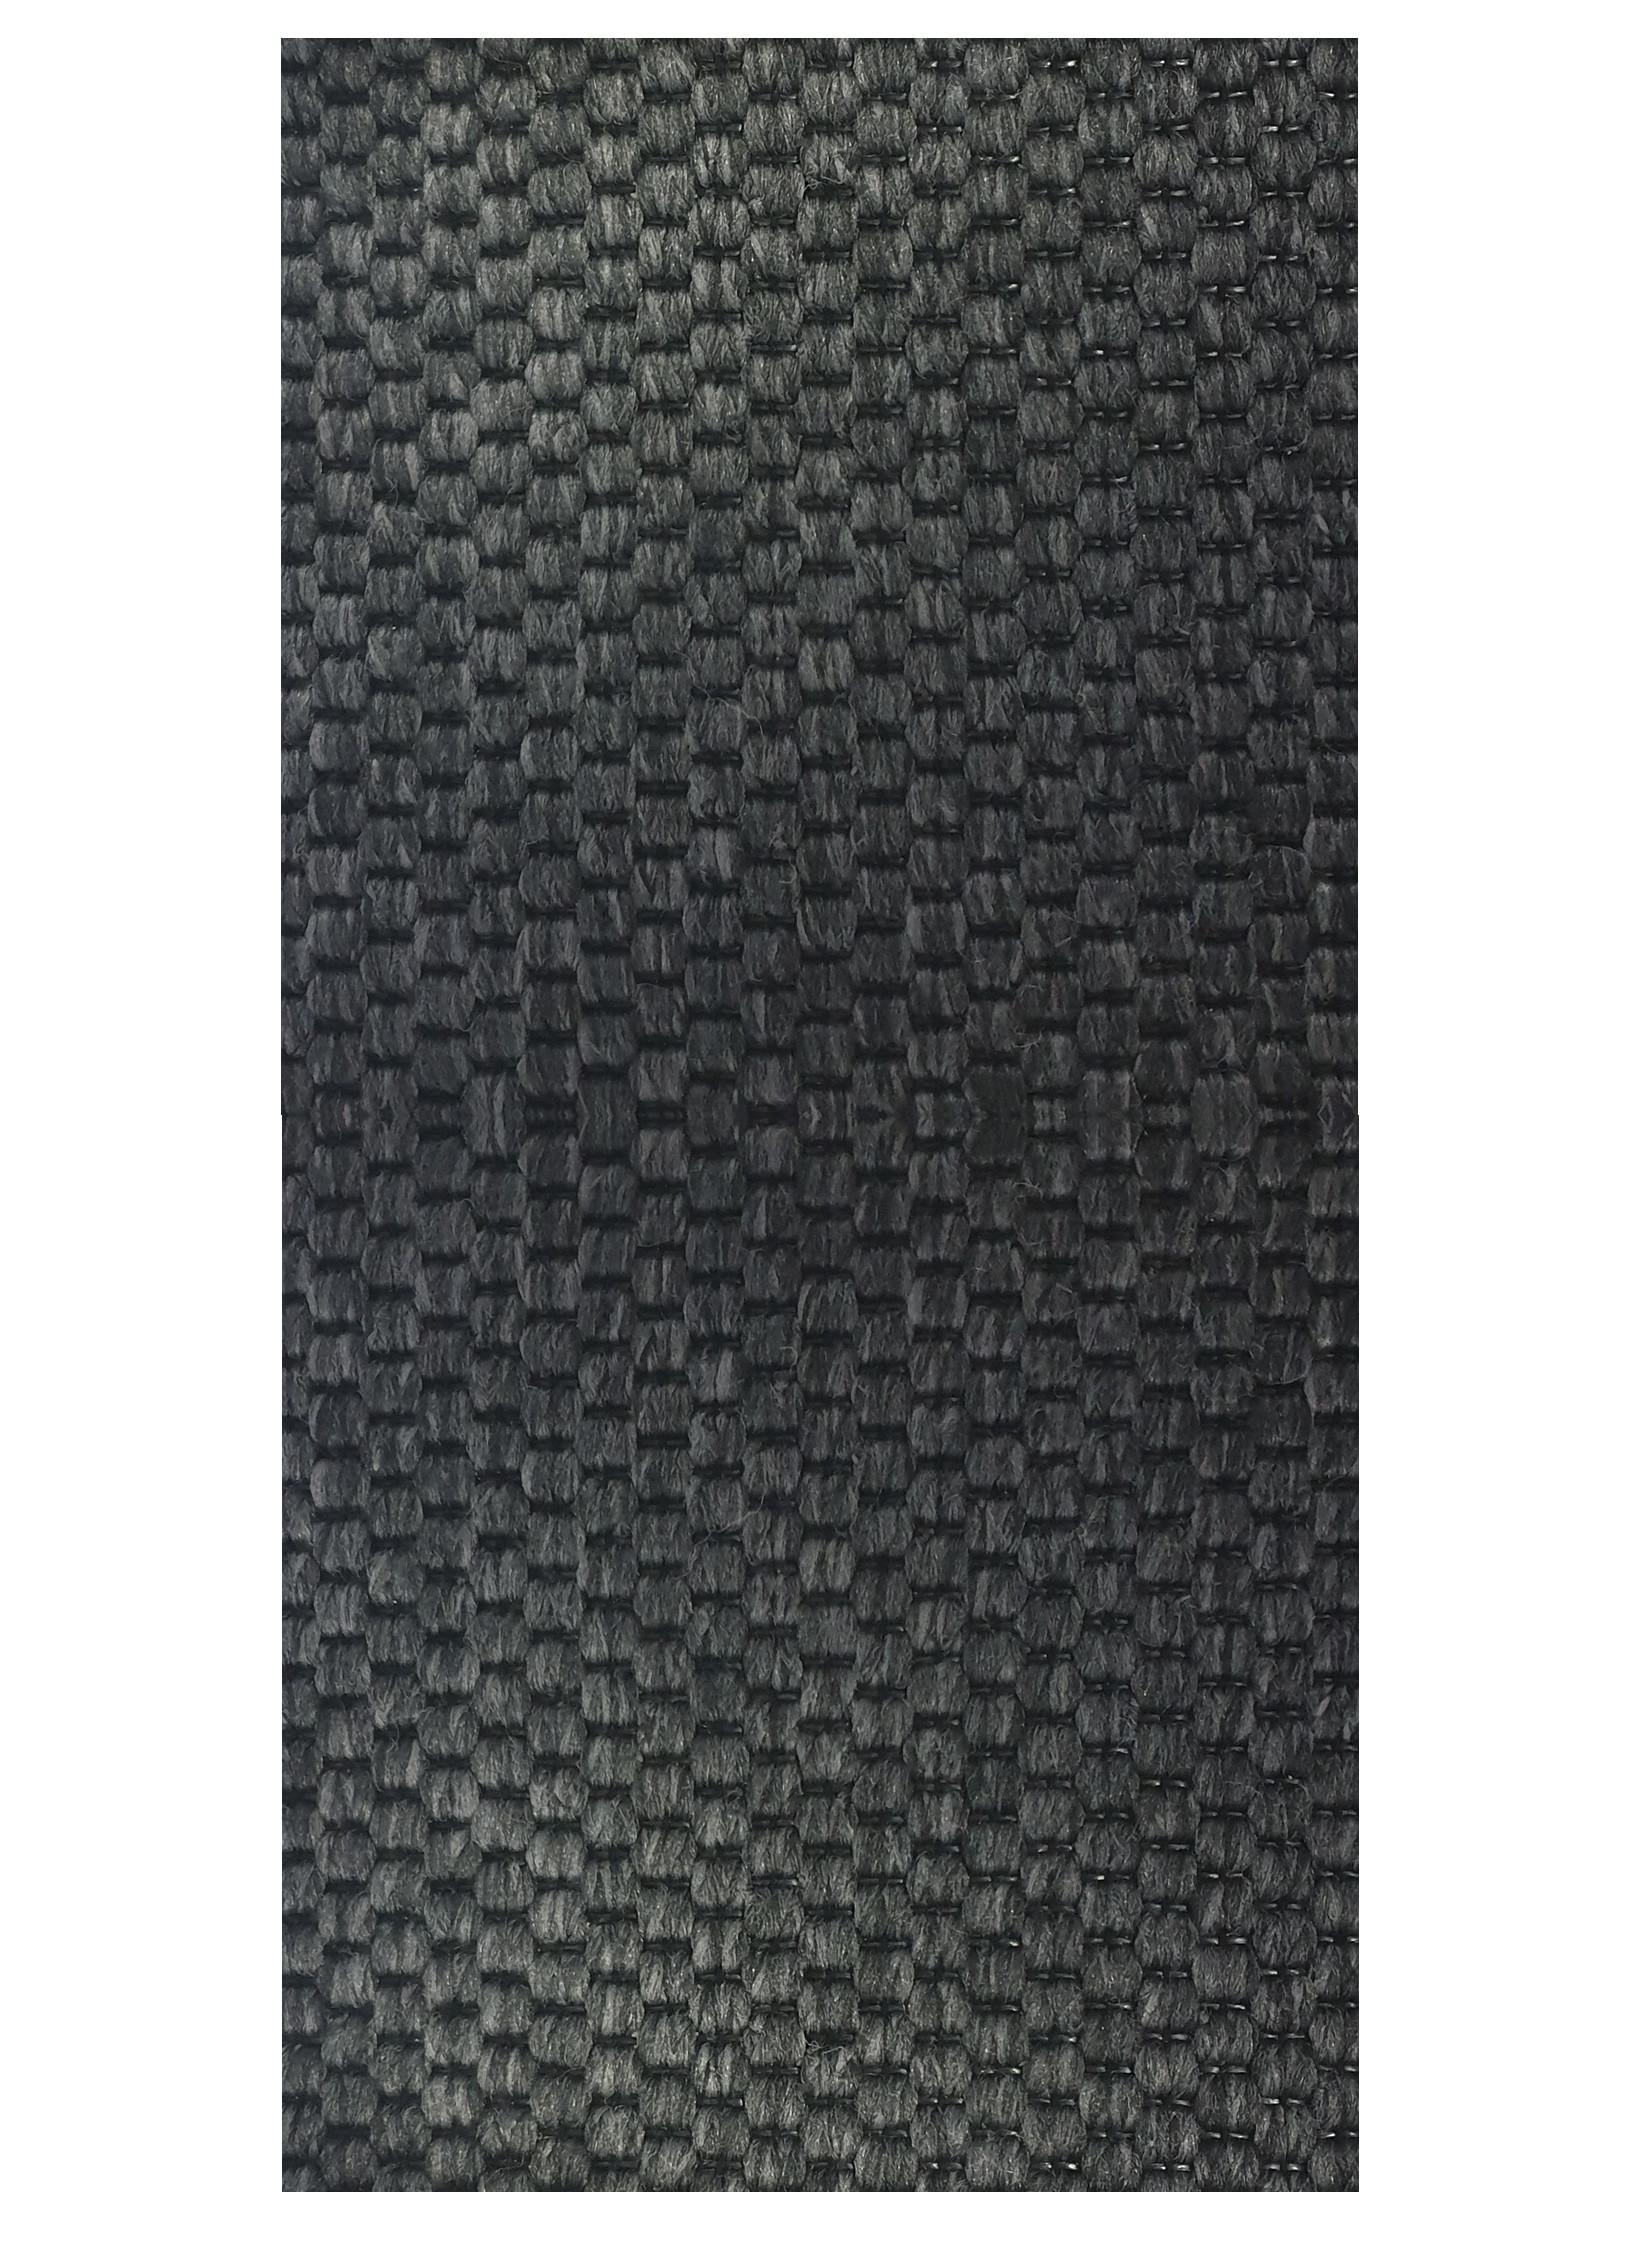 Vopi koberce Běhoun na míru Nature antracit - šíře 200 cm s obšitím